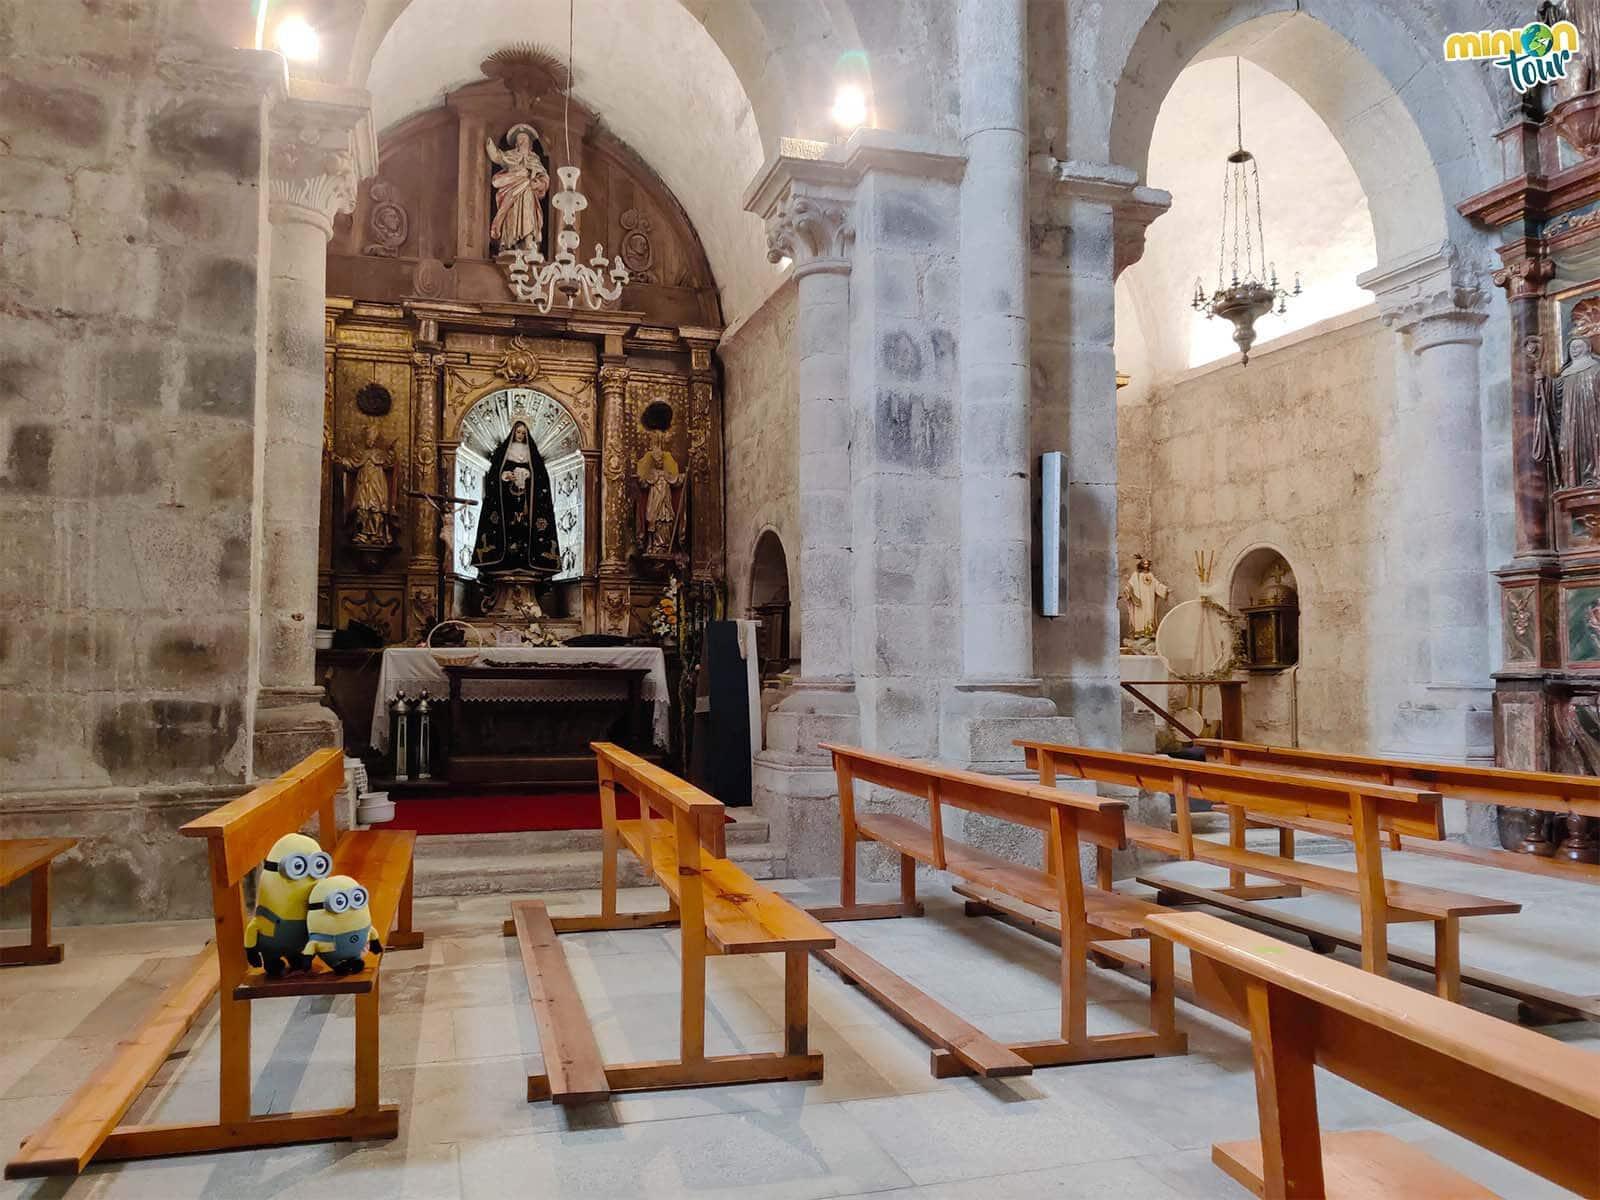 Minions saludando a la Virgen de los Dolores